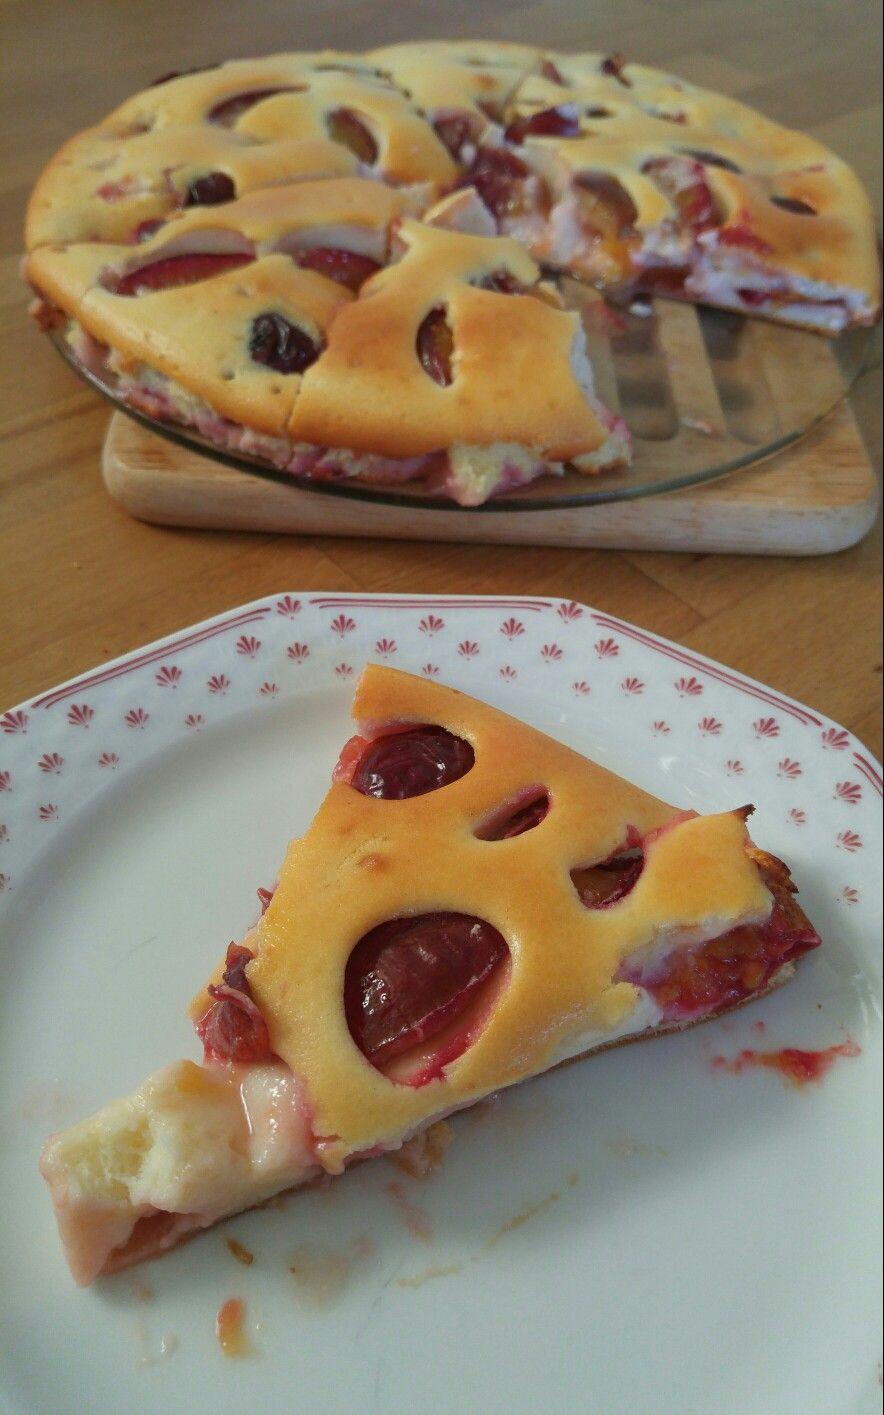 Nachgebacken: Französischer Pflaumenkuchen von EatSmarter: Sehr saftig und einfach zubereitet! Und dazu *gesund* ;)